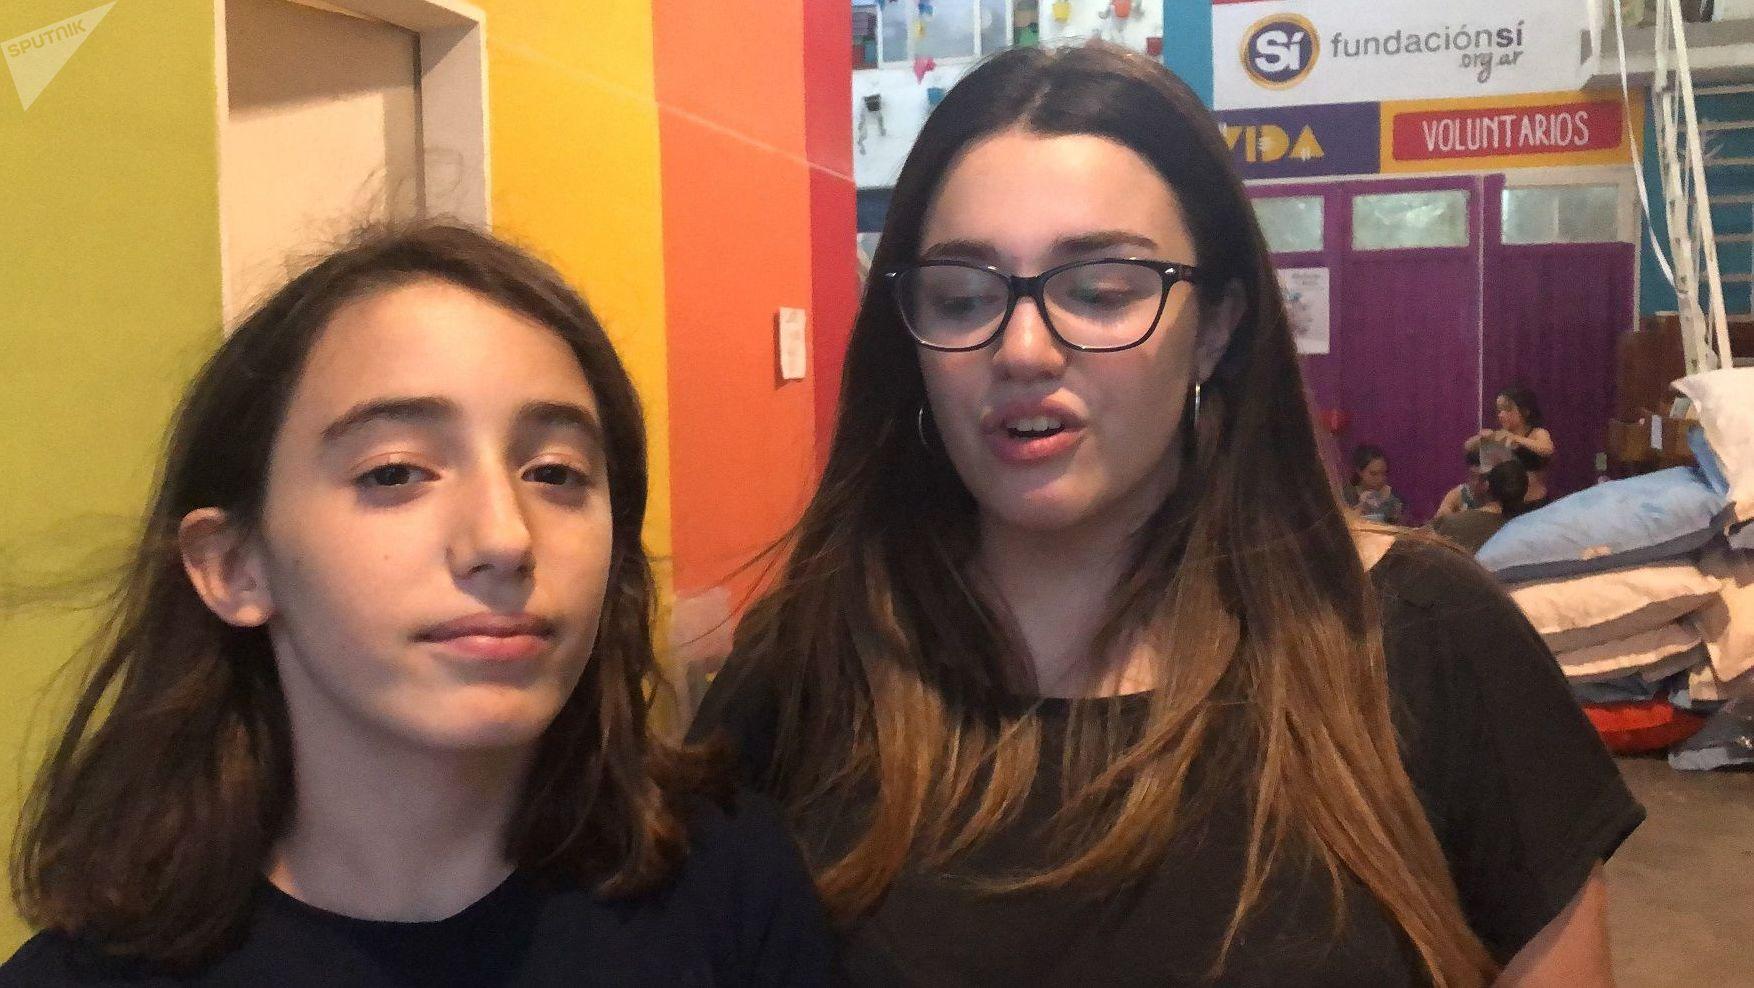 Tiara y Sofía son hermanas y se acercaron a participar por primera vez gracias a su tía